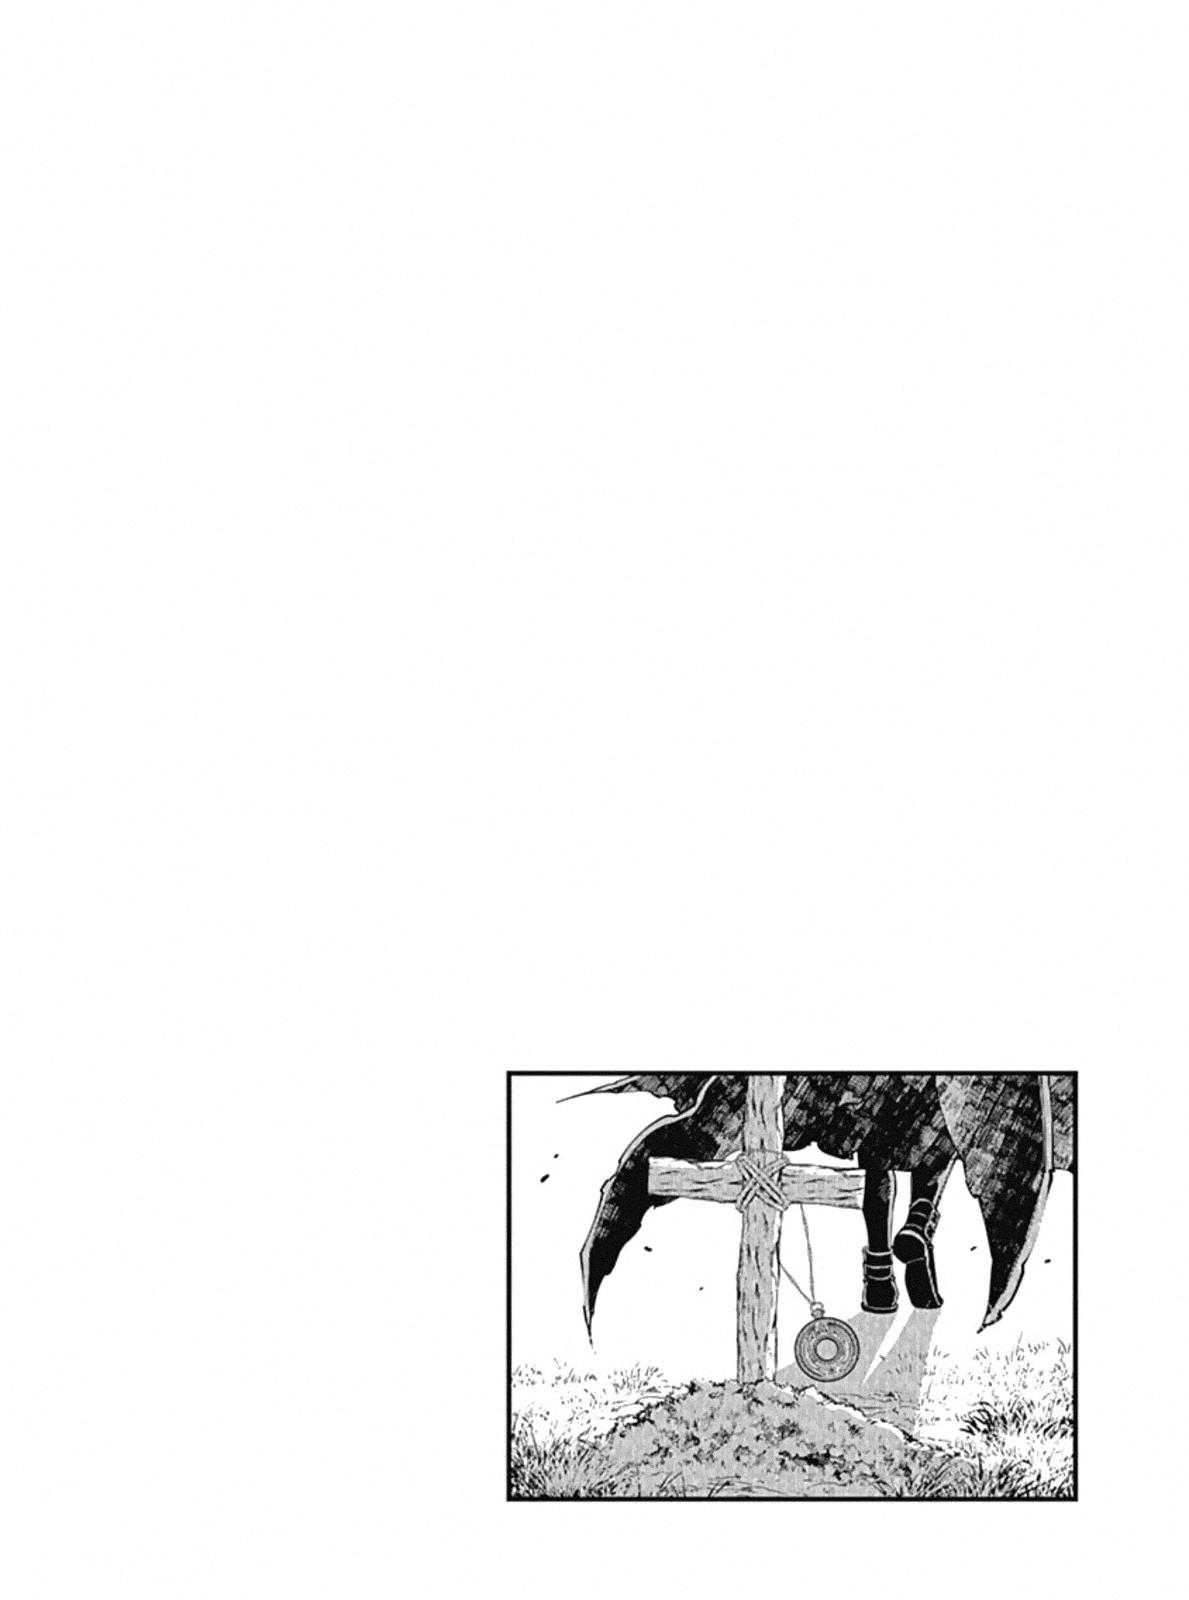 https://manga.mangadogs.com/comics/pic4/0/26176/3240207/c37f36800219dcb5960c40d1d4bade55.jpg Page 1